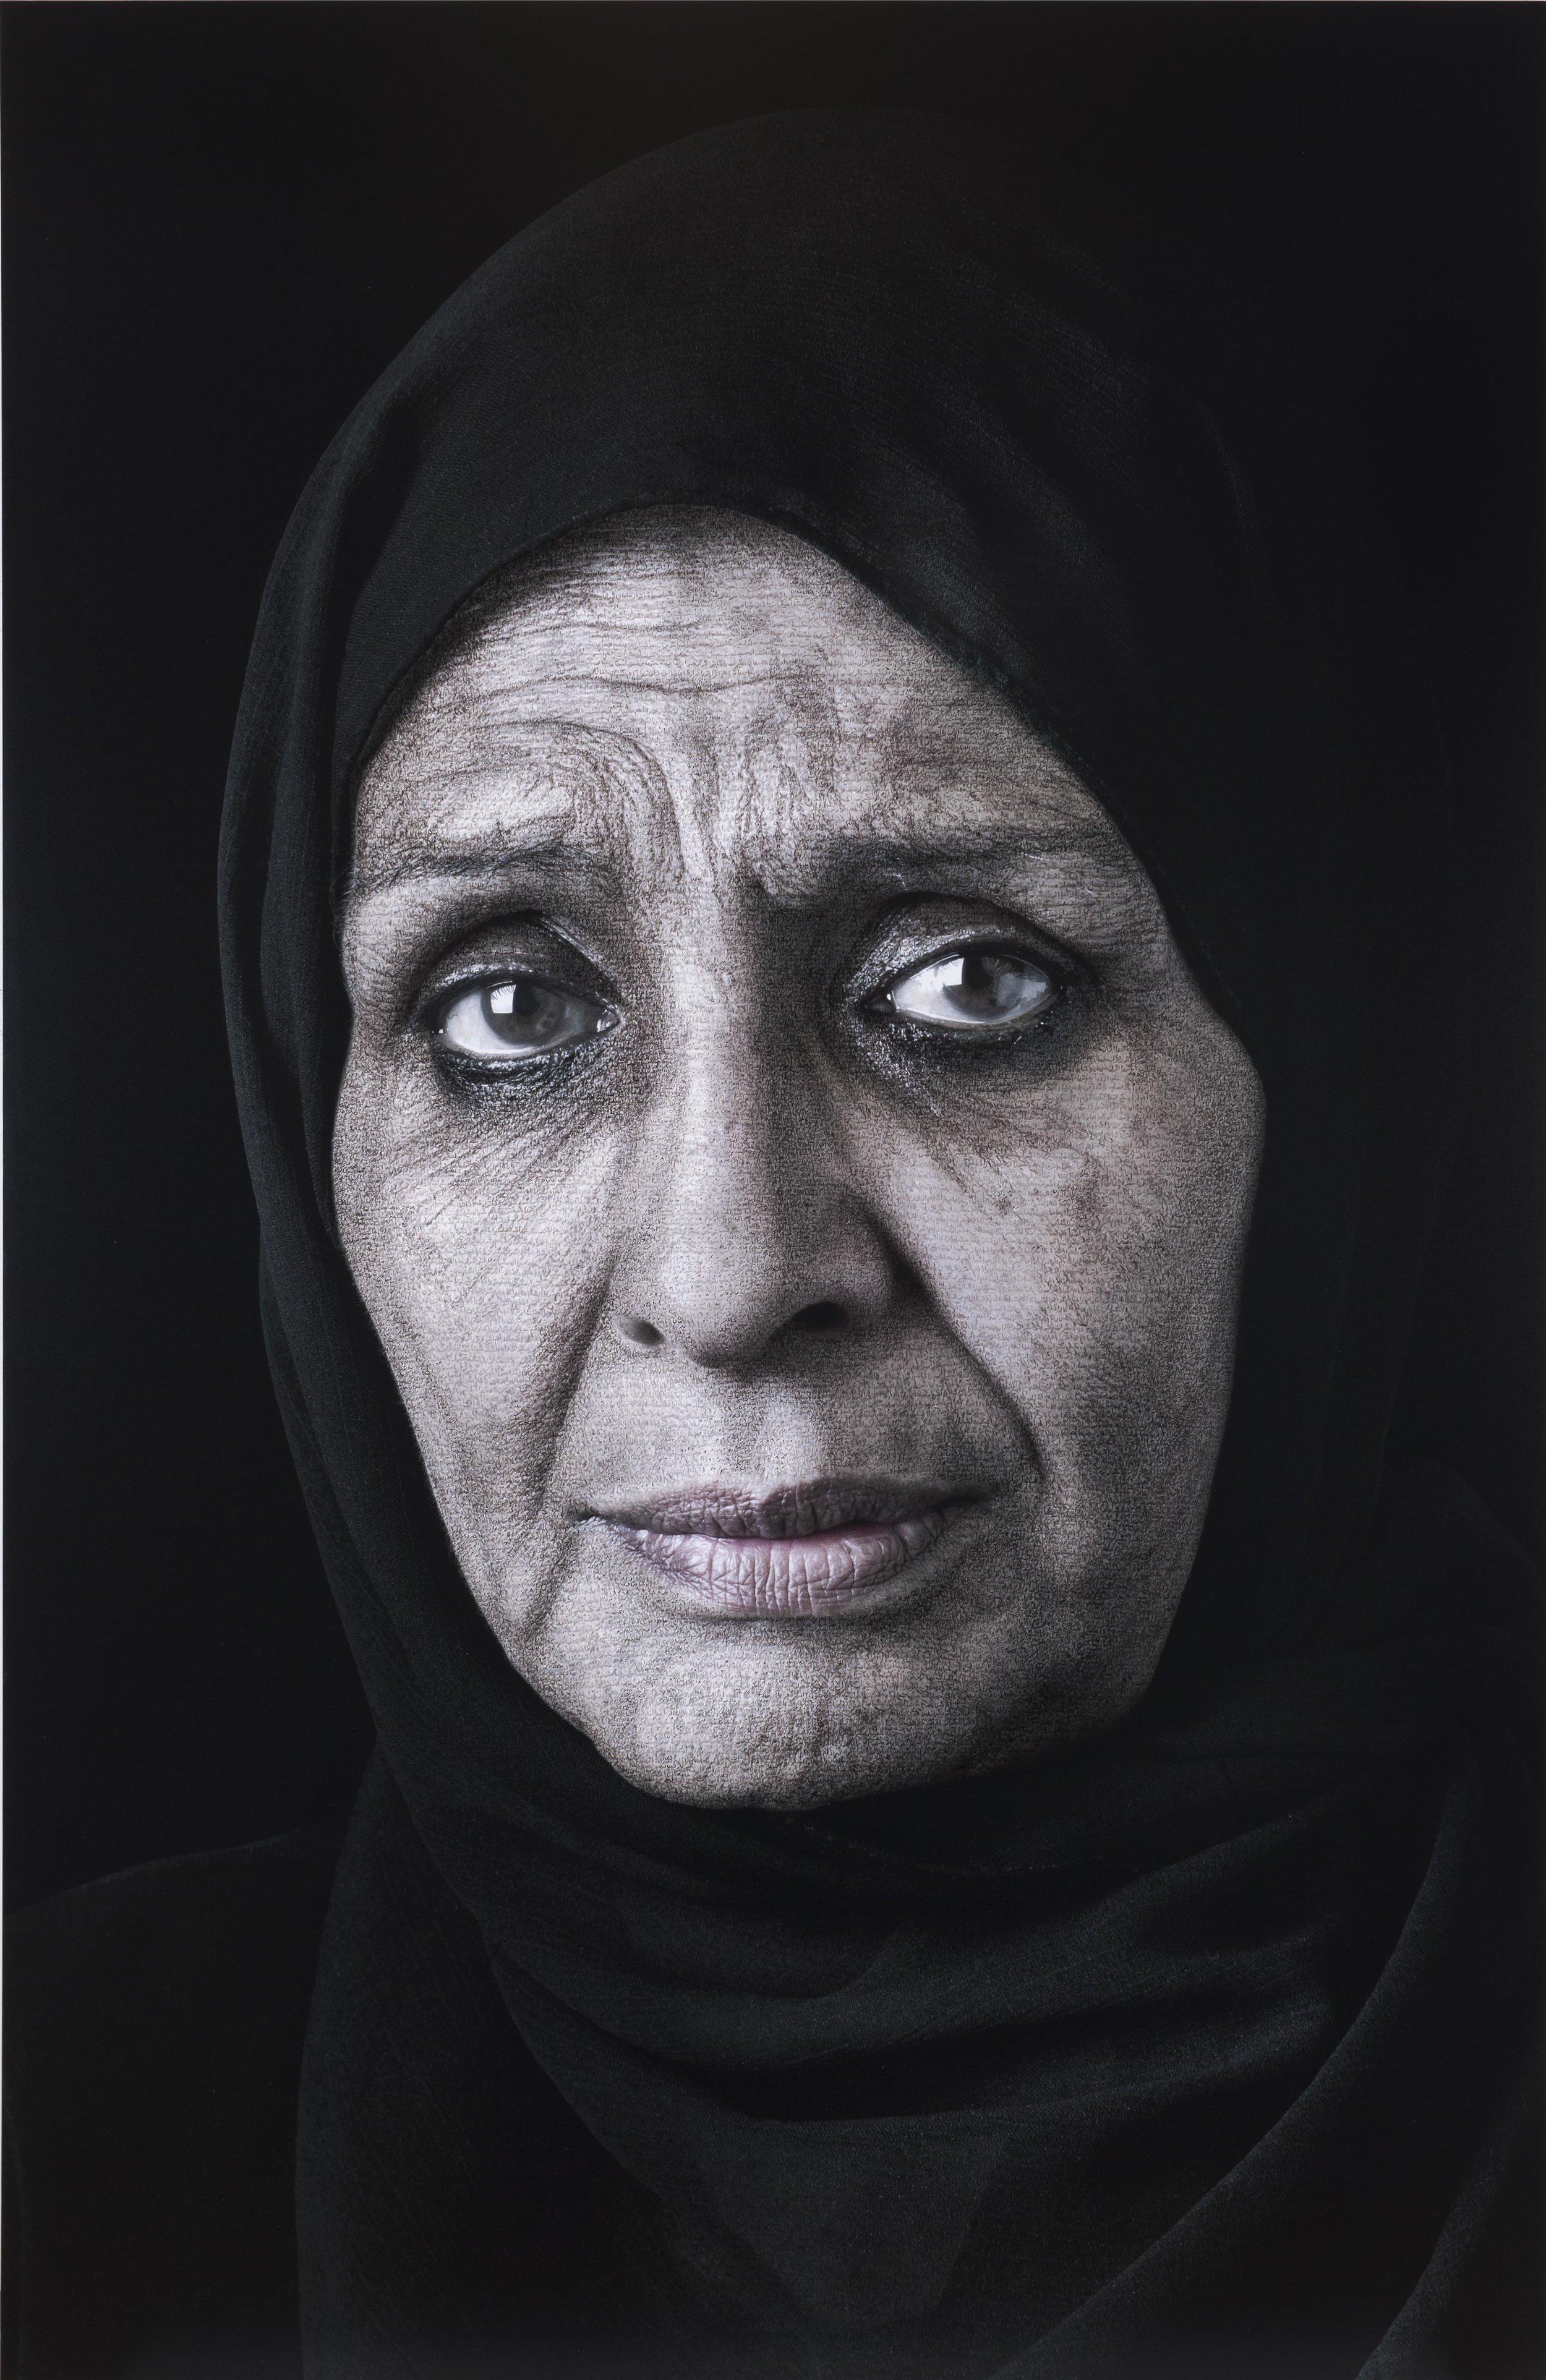 Shirin Neshat, Sayed, 2013